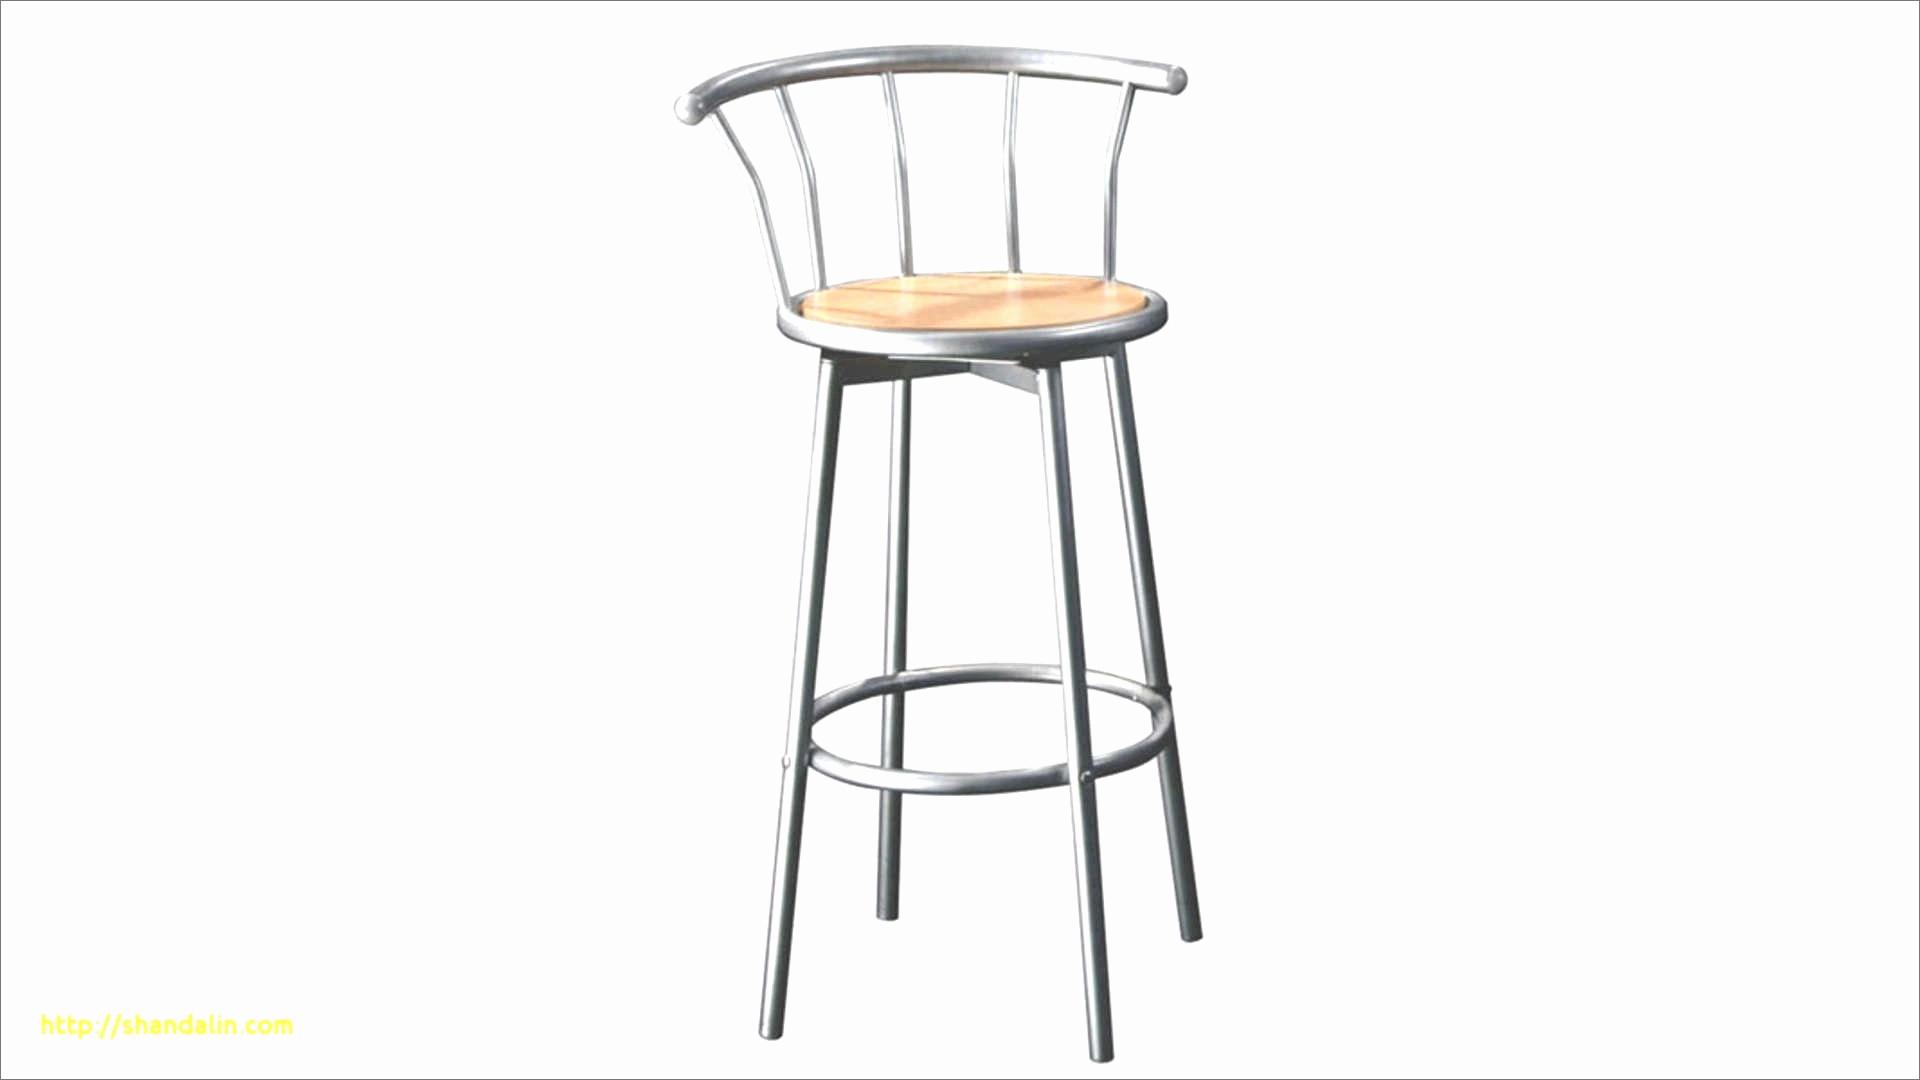 chaise de bar en bois unique ikea chaise de cuisine chaise ikea cuisine cuisine fauteuil salon 0d of chaise de bar en bois